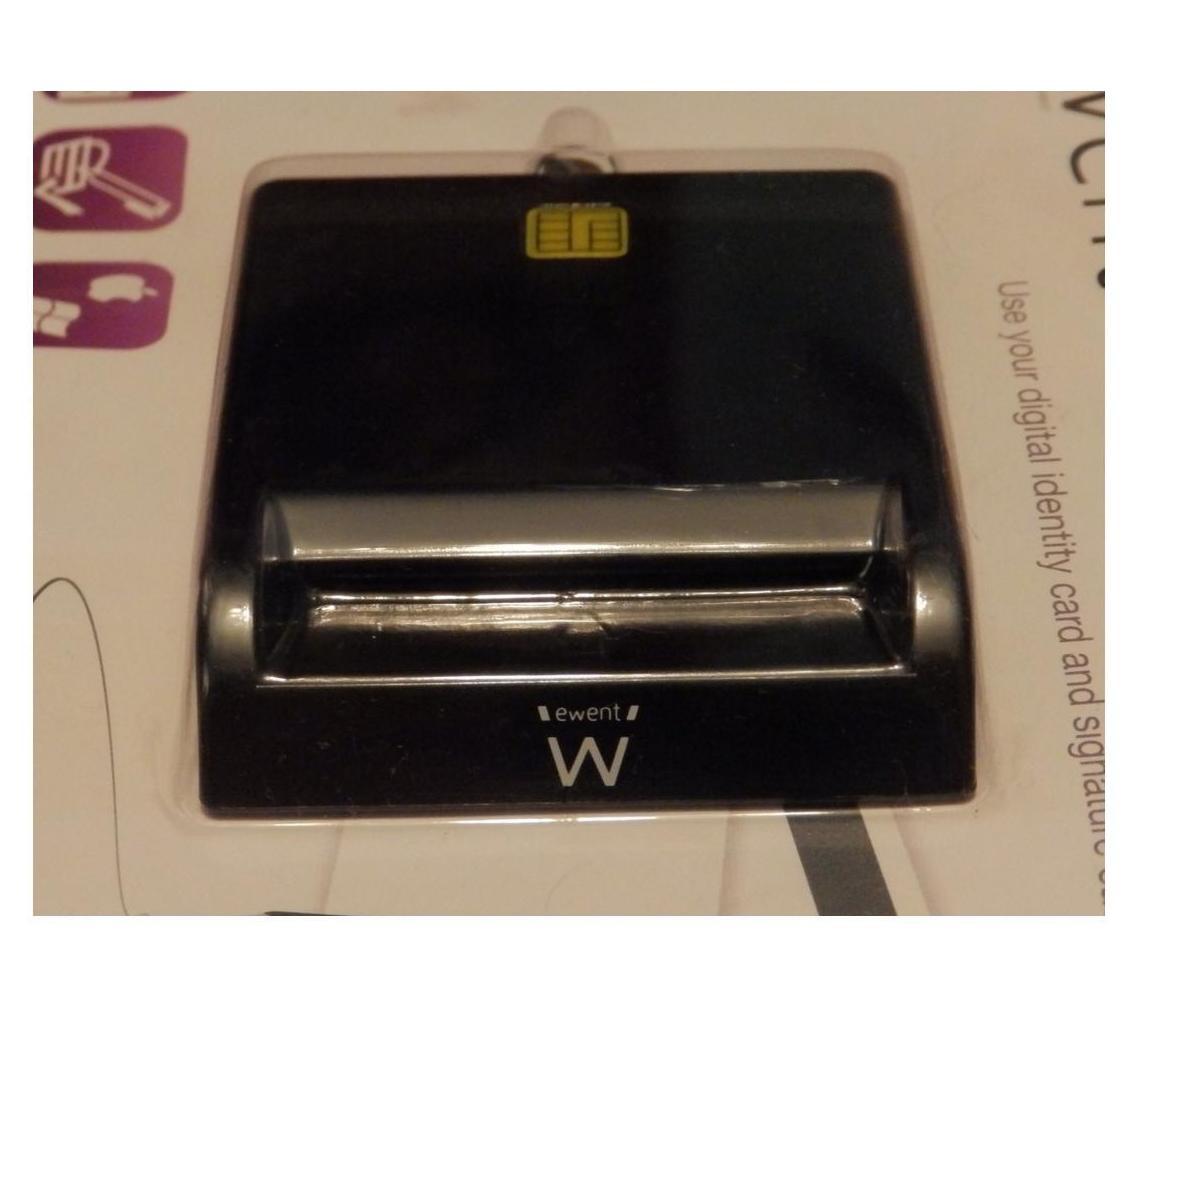 Lector de tarjetas con chip o banda: Productos de Solutar - Soluciones de tarjetas